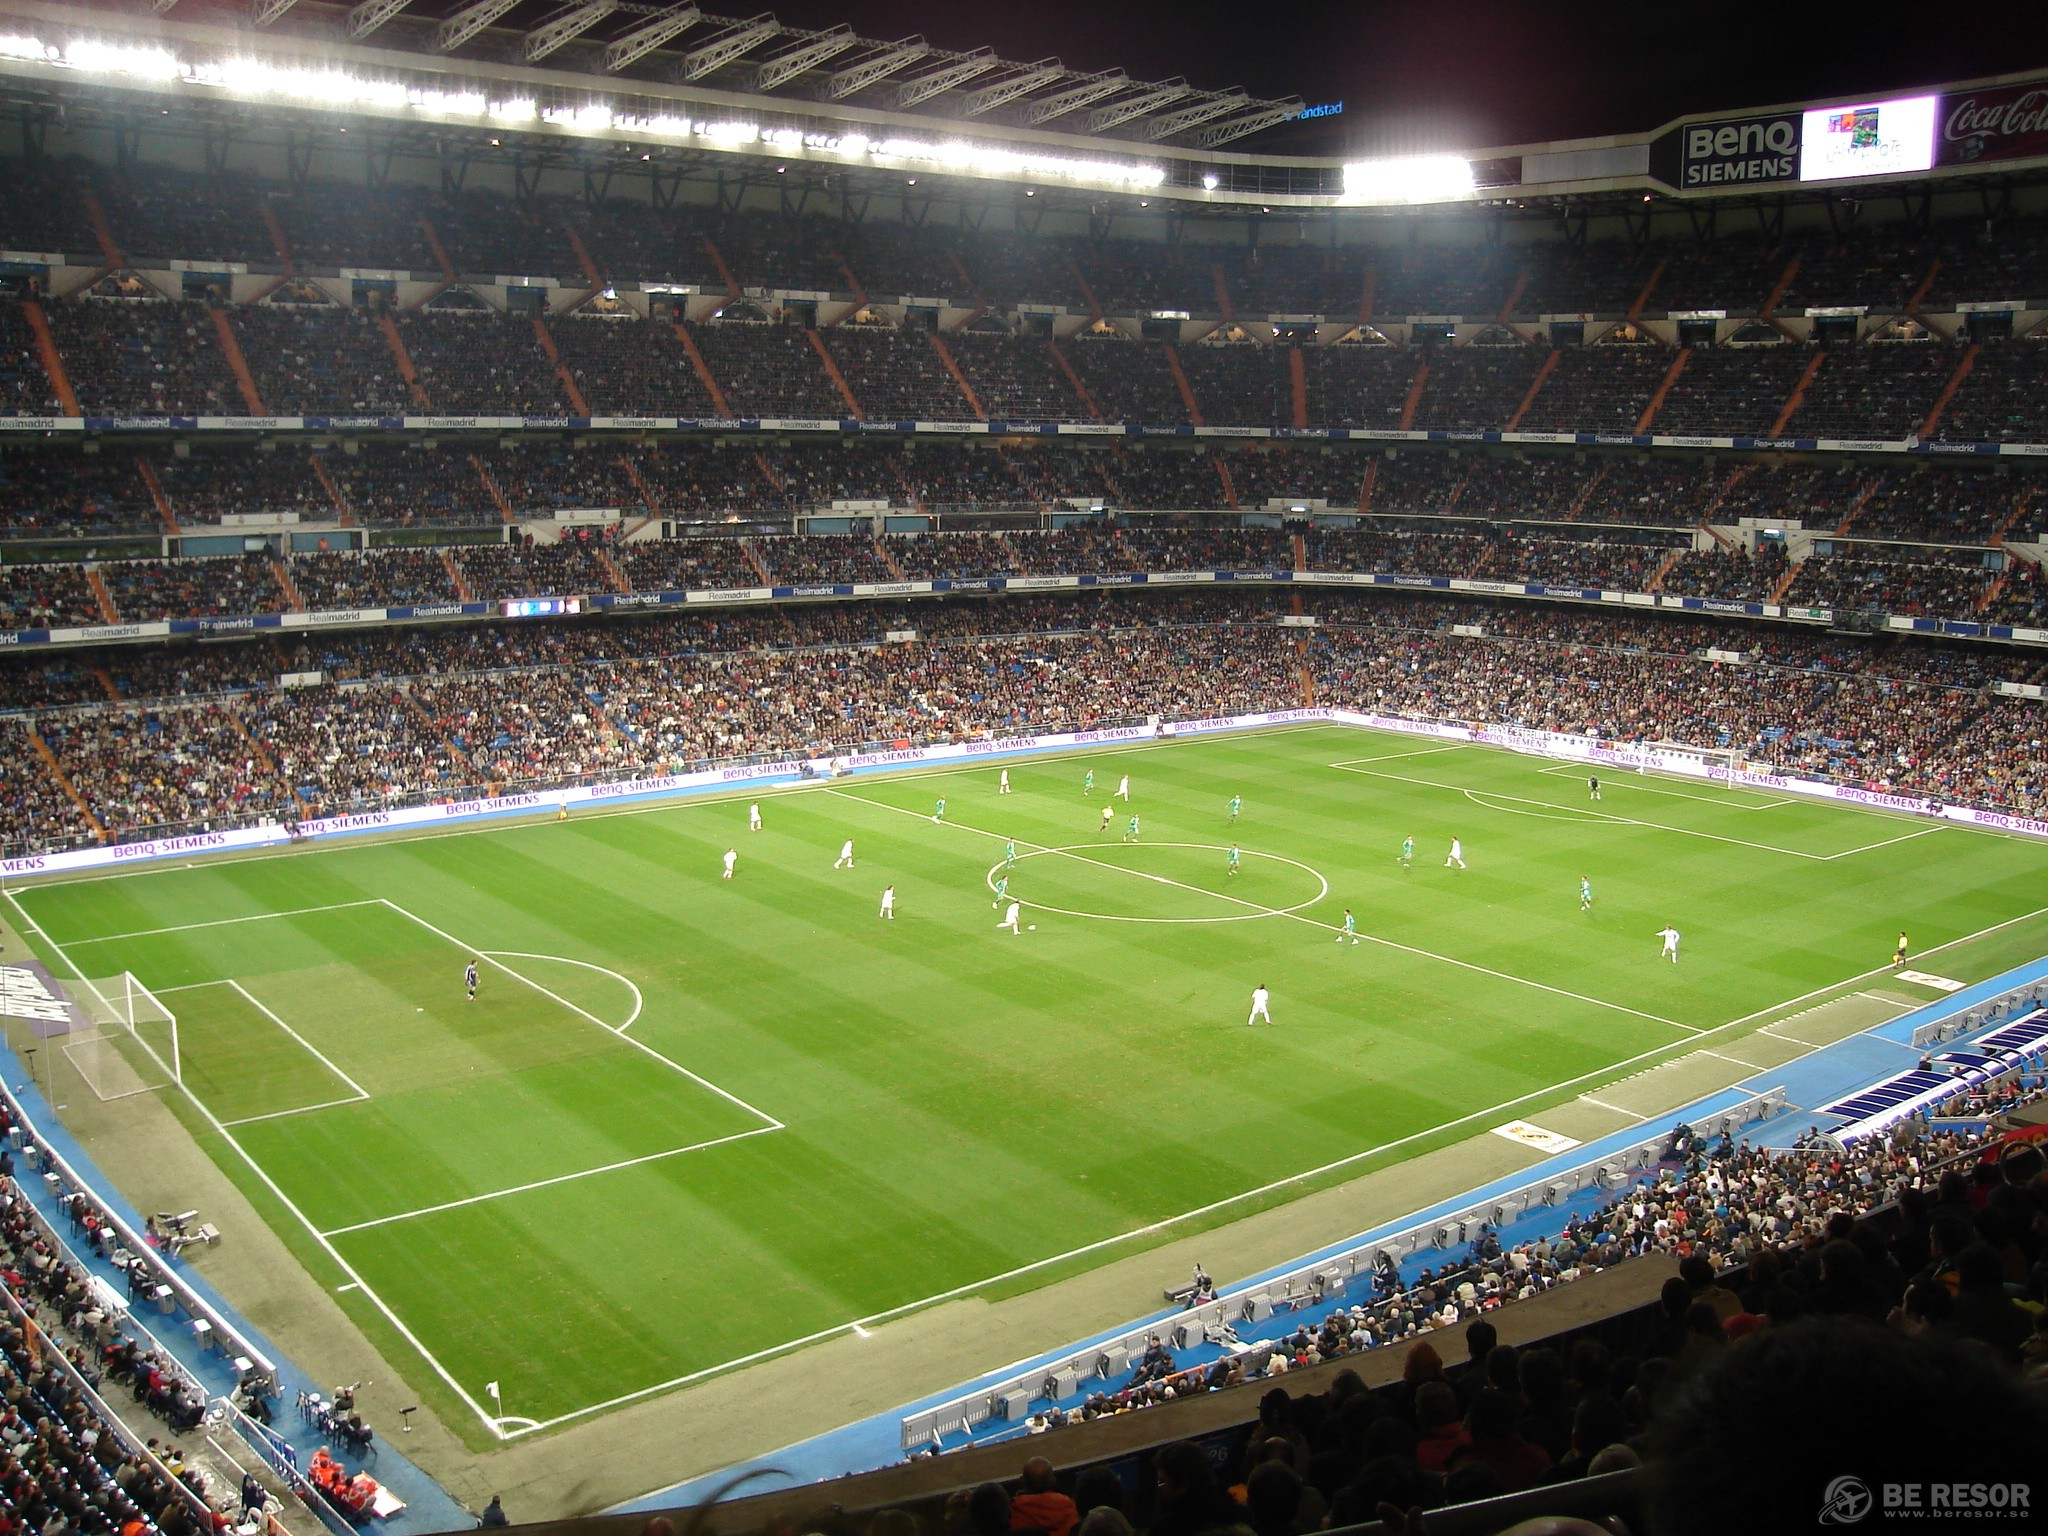 Fotbollsresor till Real Madrid